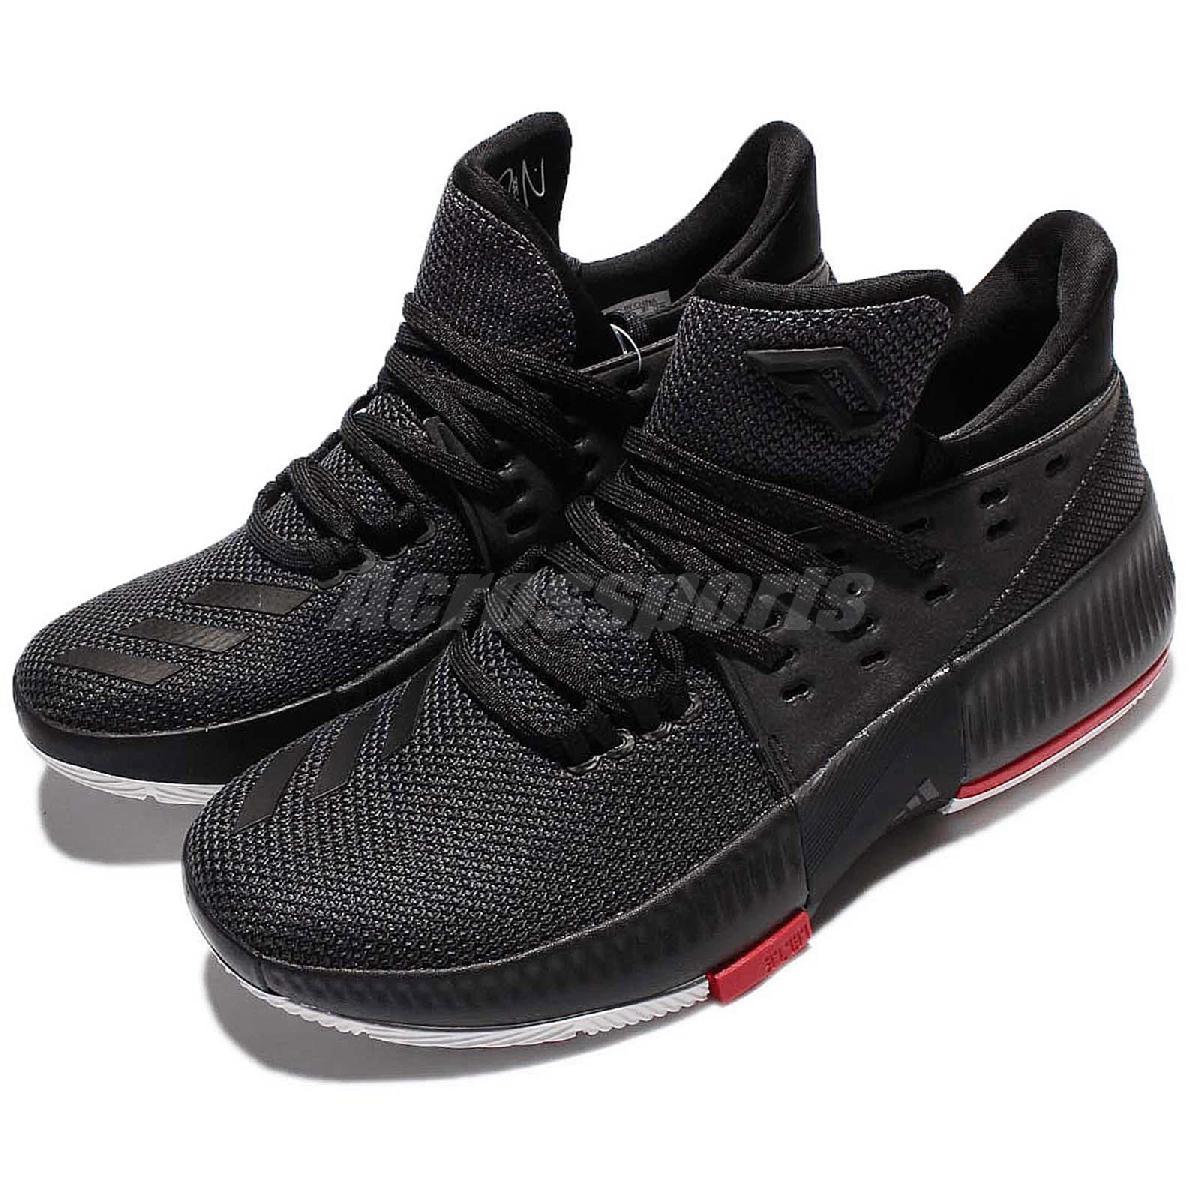 adidas籃球鞋D Lillard 3 J黑紅白大童鞋女鞋Dame 3運動鞋PUMP306 B49590